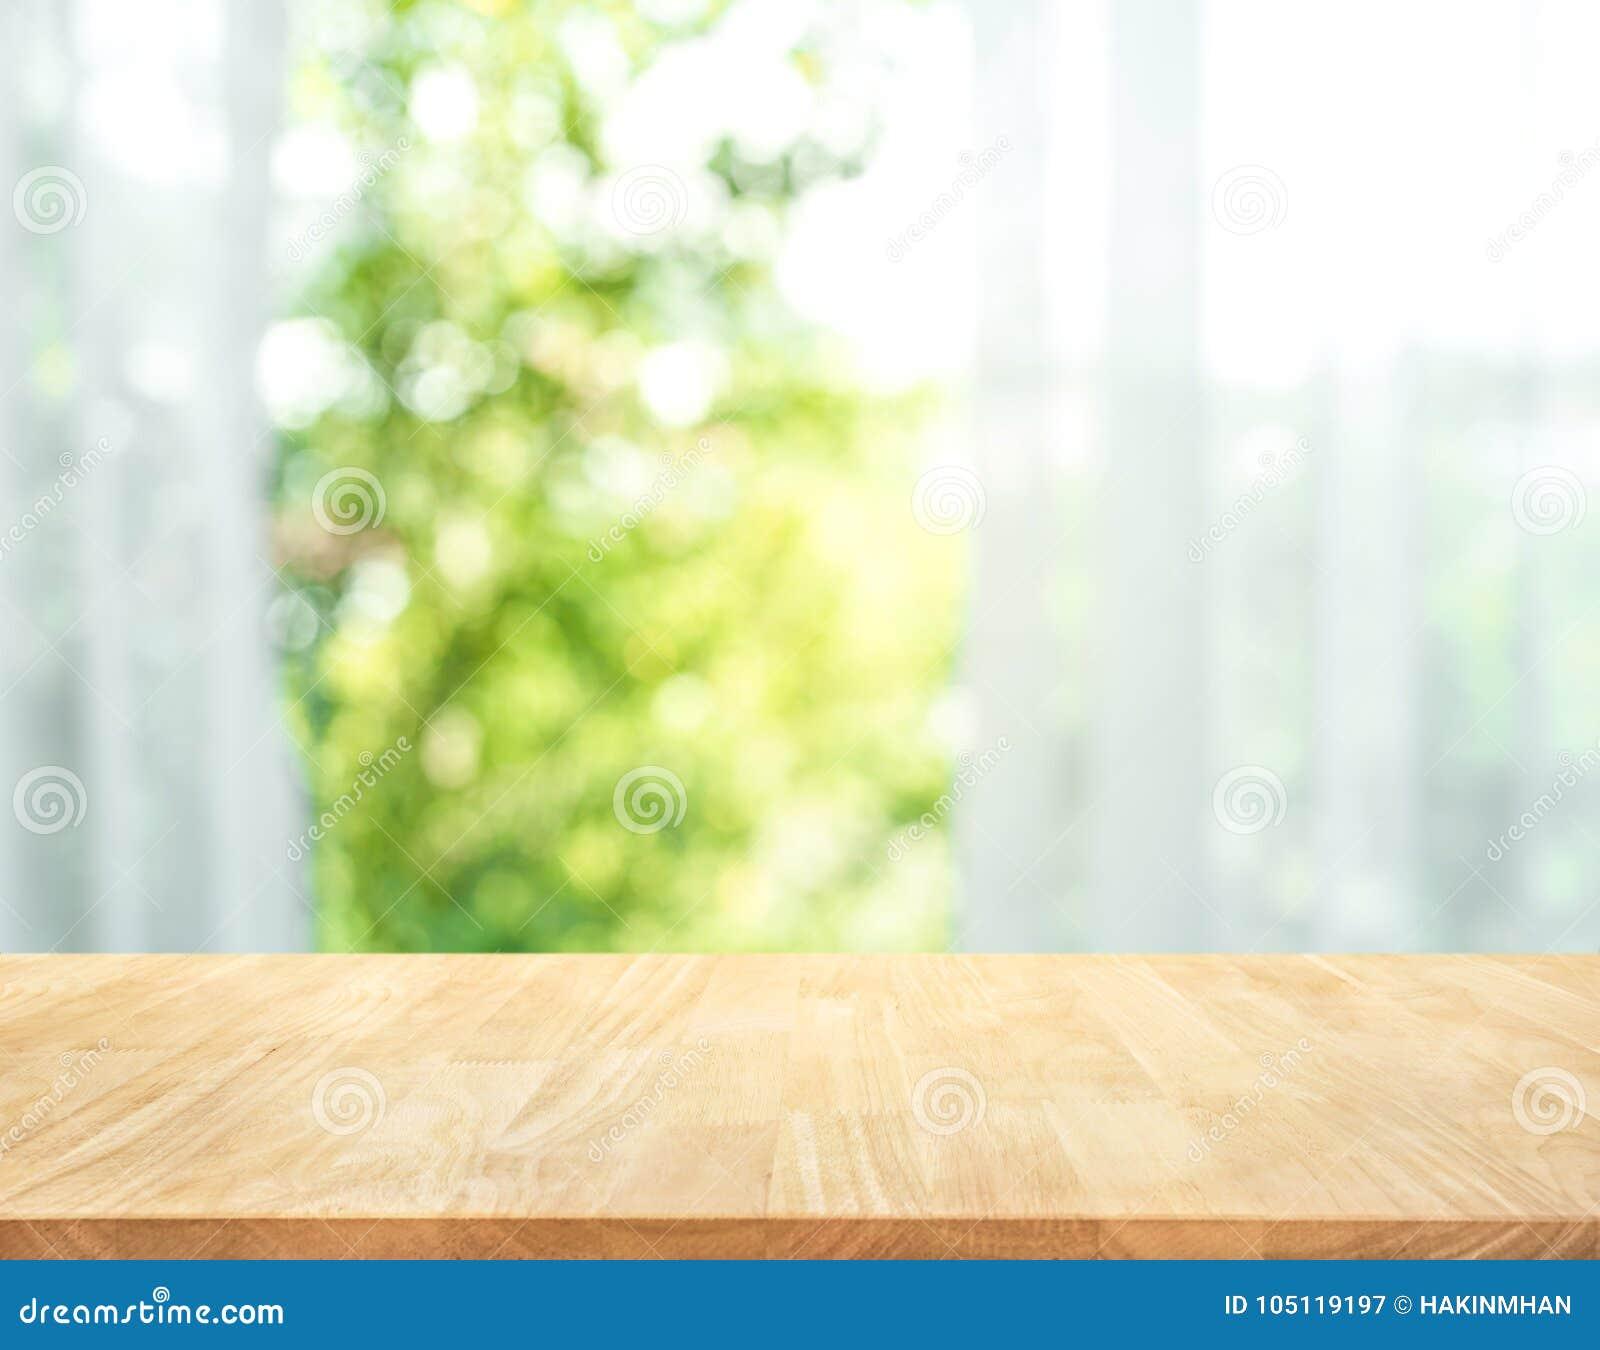 Vacie de la sobremesa de madera en la falta de definición de la cortina con la opinión de la ventana